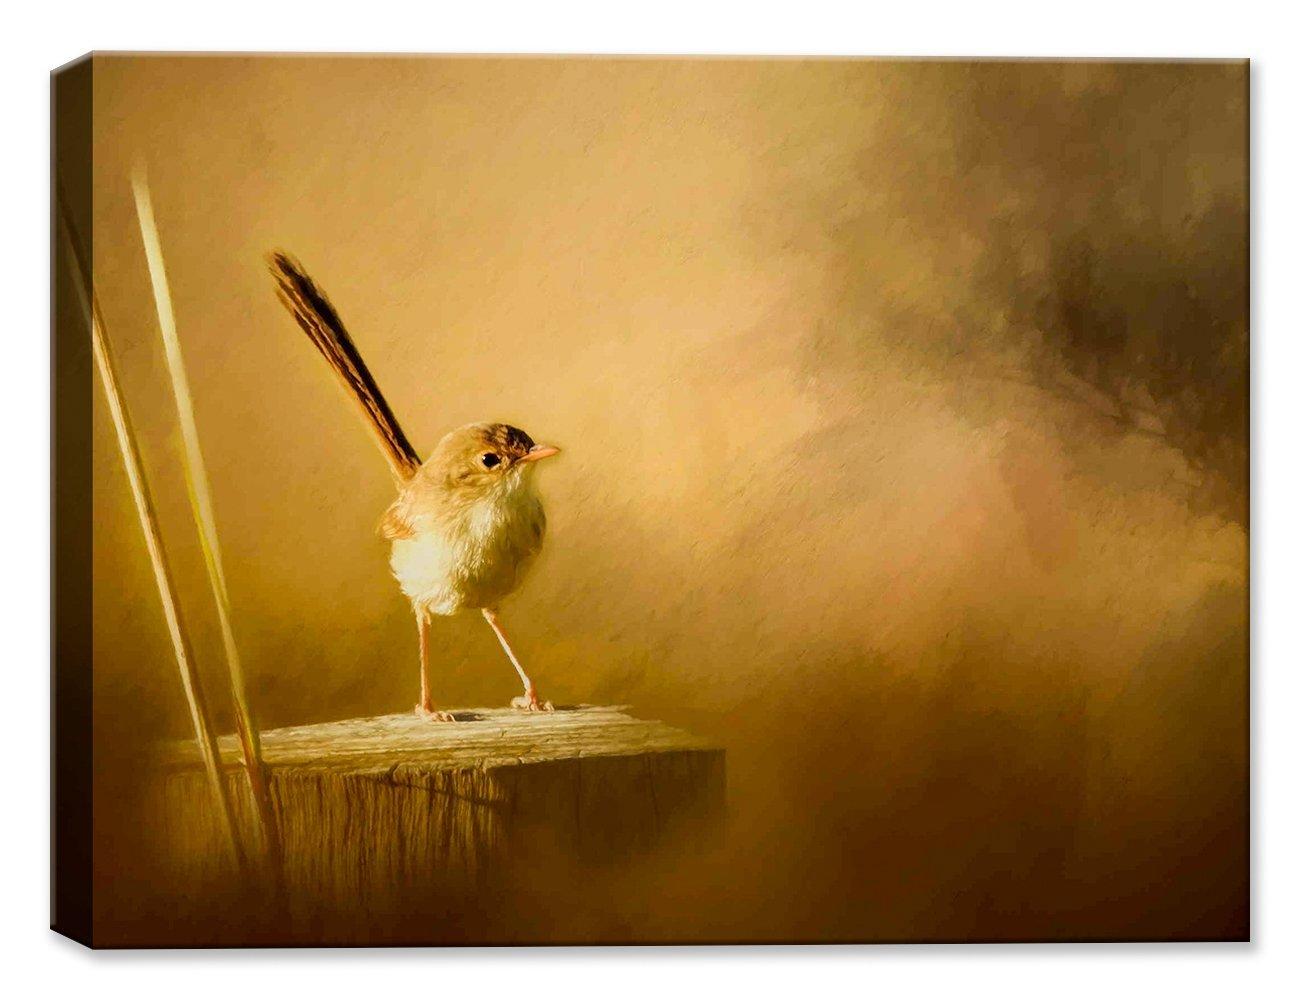 Amazon.com : Brown Wren on Post - Fine Art Canvas Print - Indoor ...